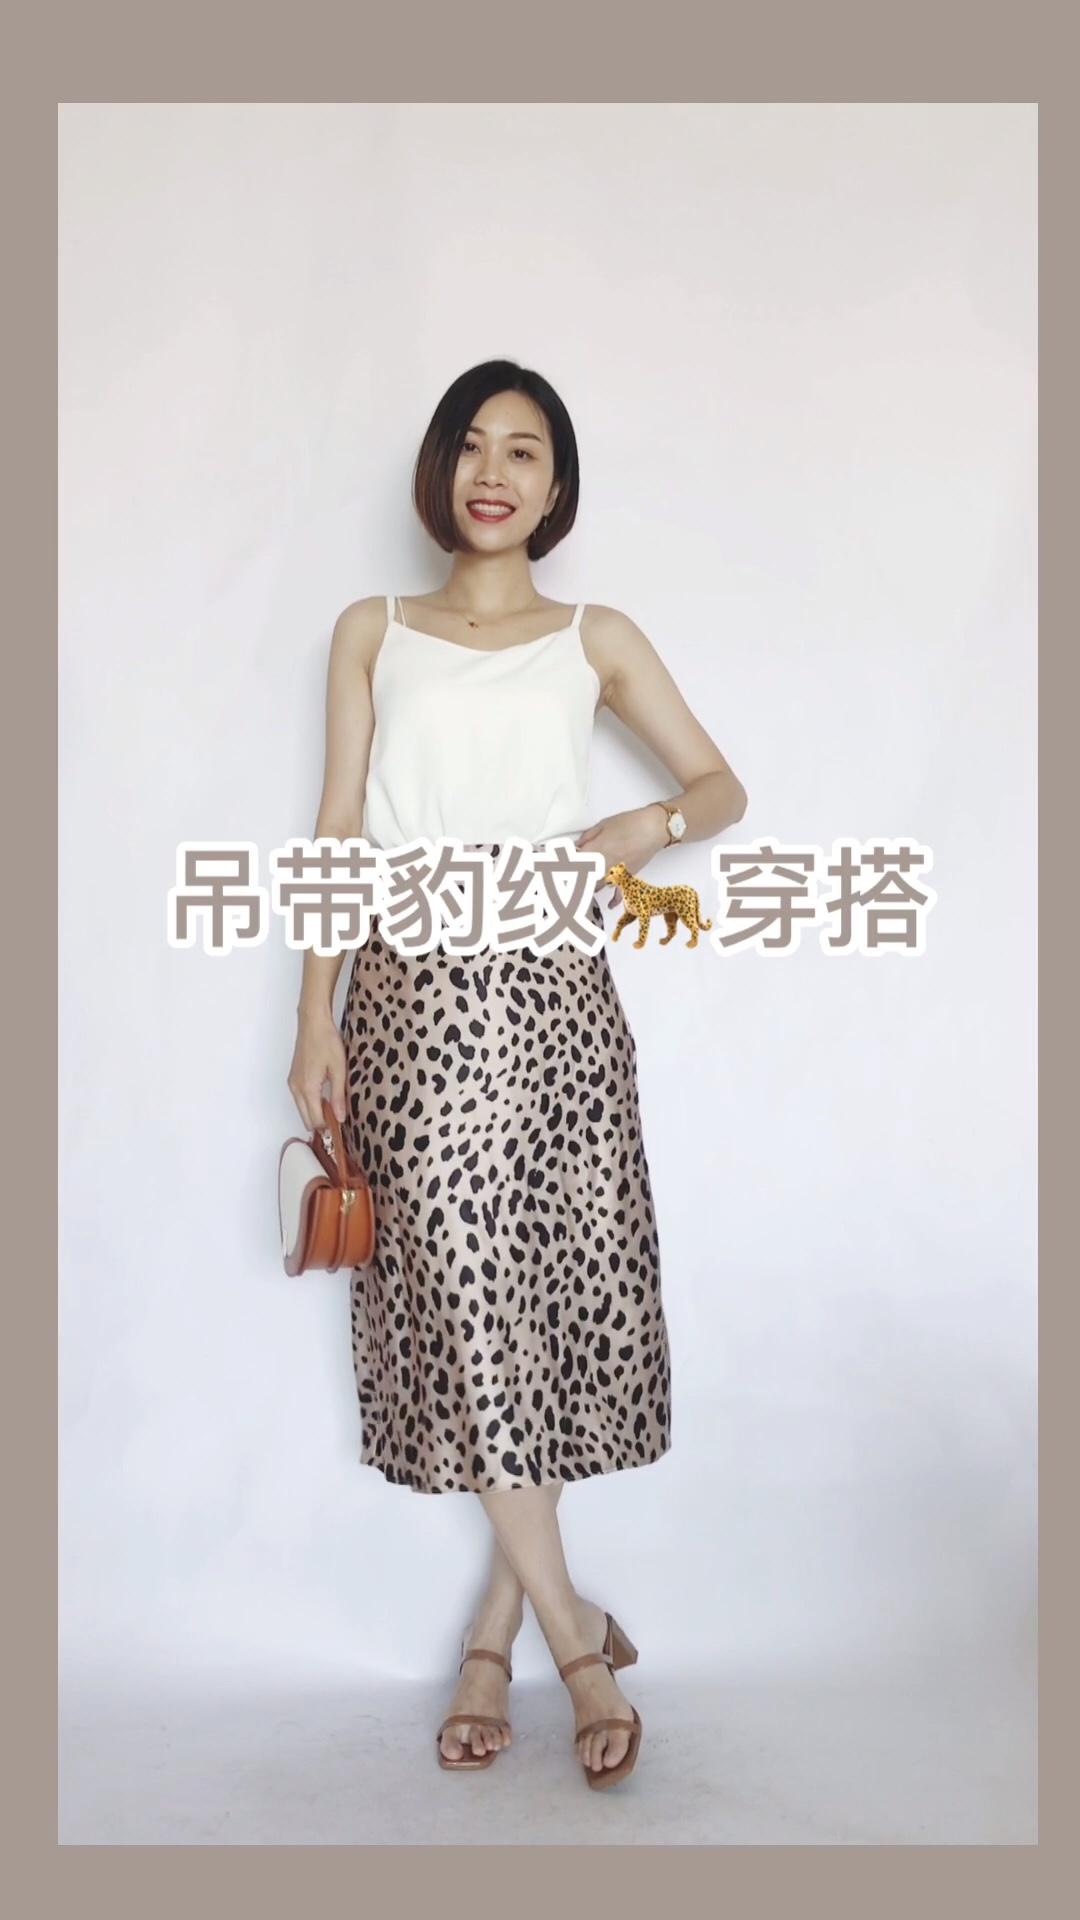 #美裙上线,承包一夏的仙气# 绝美豹纹裙,推荐! 绝对显瘦绝对不显胯! 修饰身材! 搭配小吊带,性感又帅气。